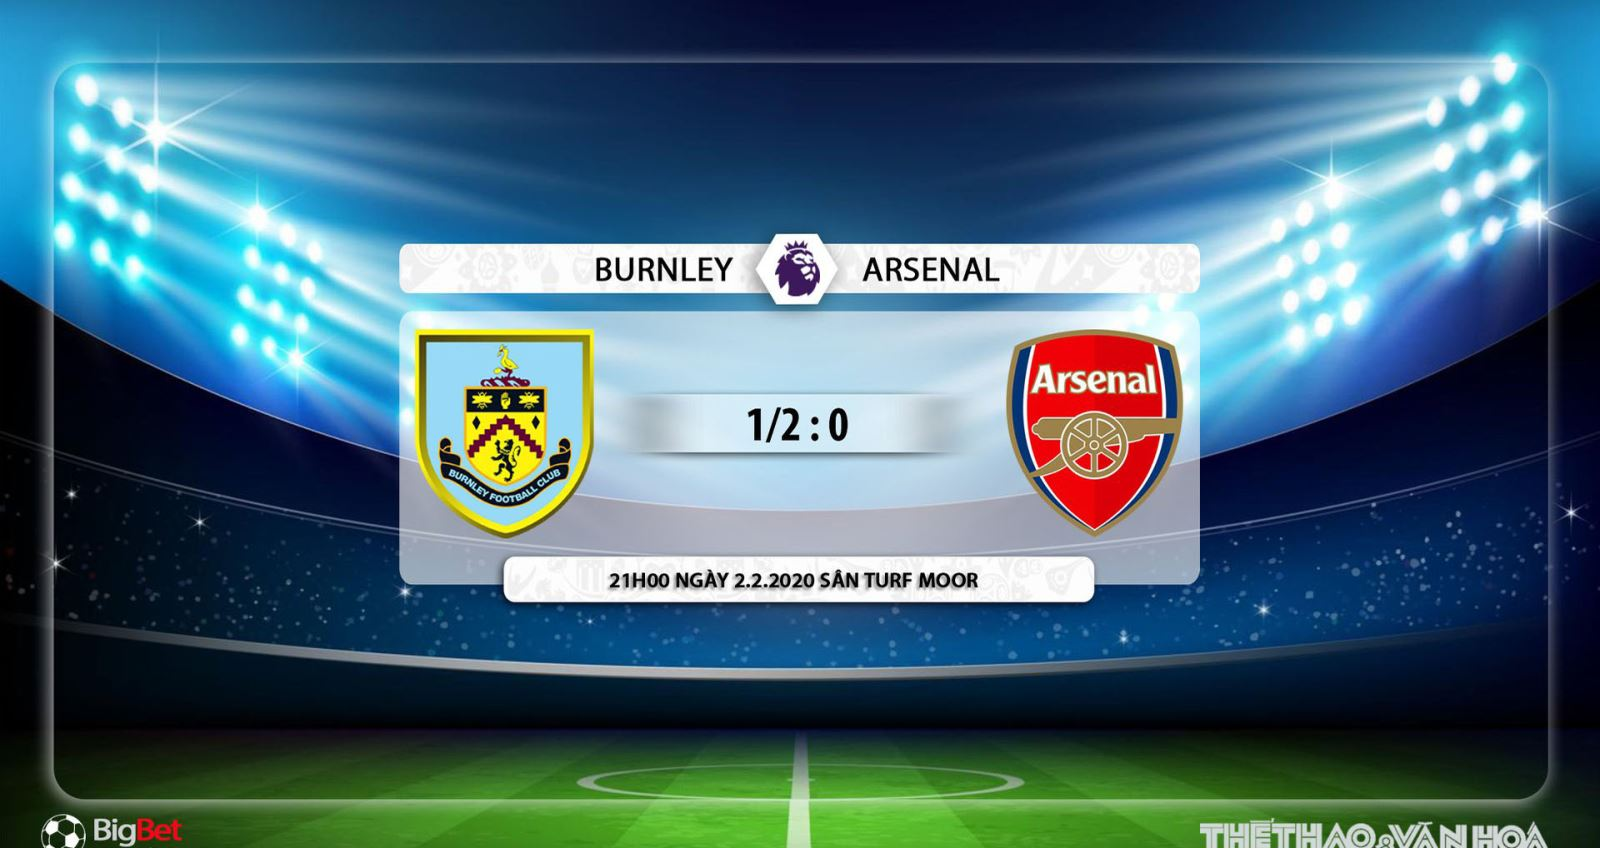 Burnley vs Arsenal, soi kèo  Burnley vs Arsenal, nhận định  Burnley vs Arsenal, dự đoán Burnley vs Arsenal, trực tiếp Burnley vs Arsenal, Arsenal, Burnley